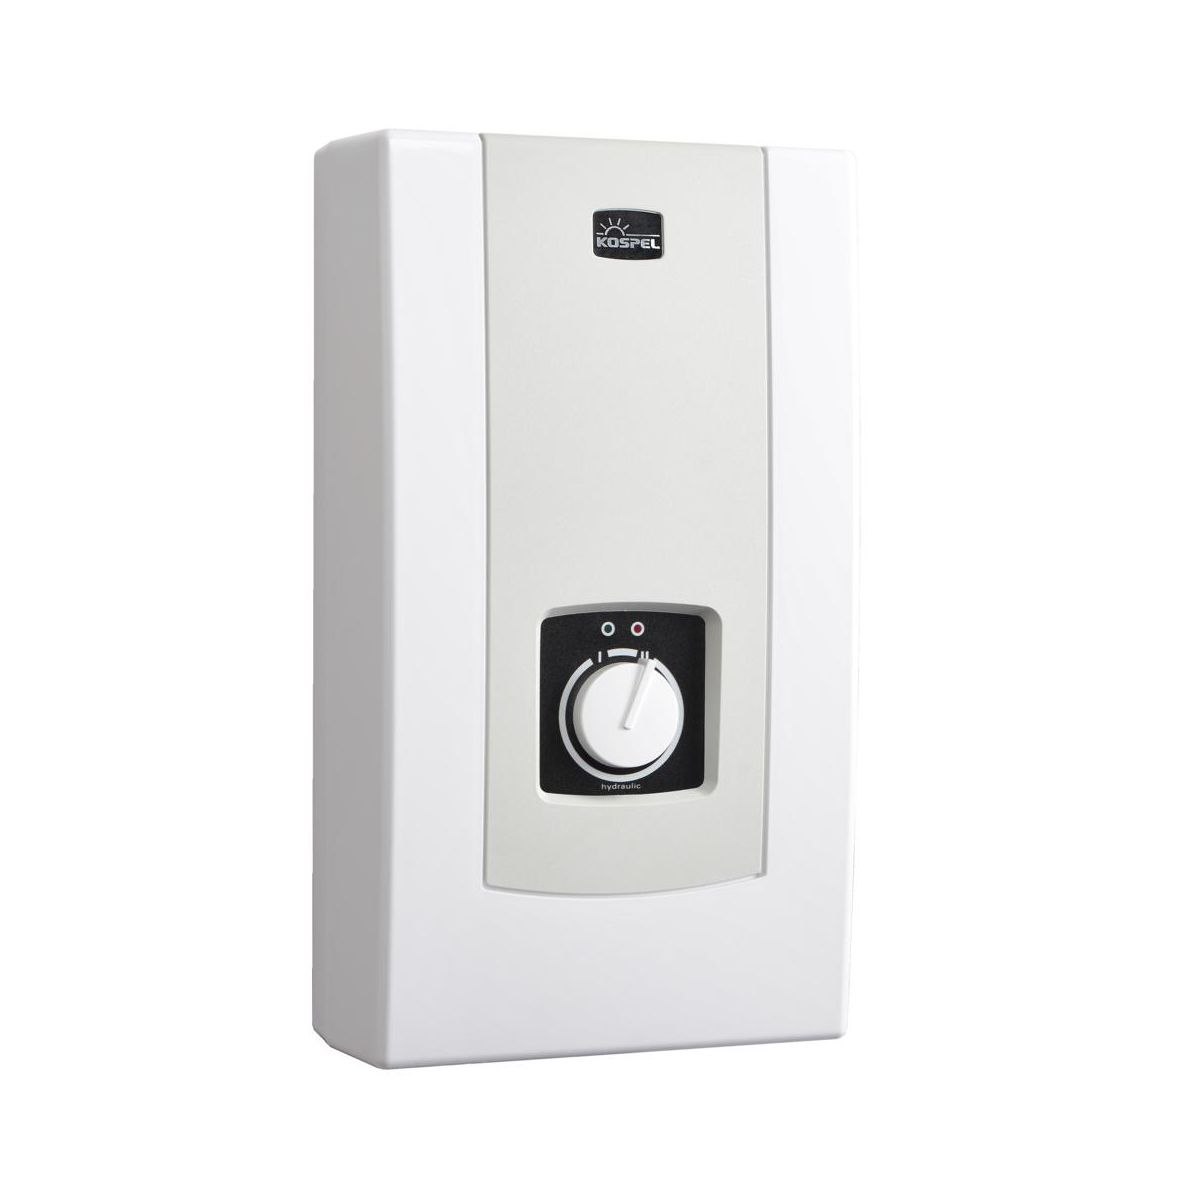 Elektryczny Przeplywowy Ogrzewacz Wody Pph2 12 Ogrzewacze Przeplywowe W Atrakcyjnej Cenie W Sklepach Leroy Merlin